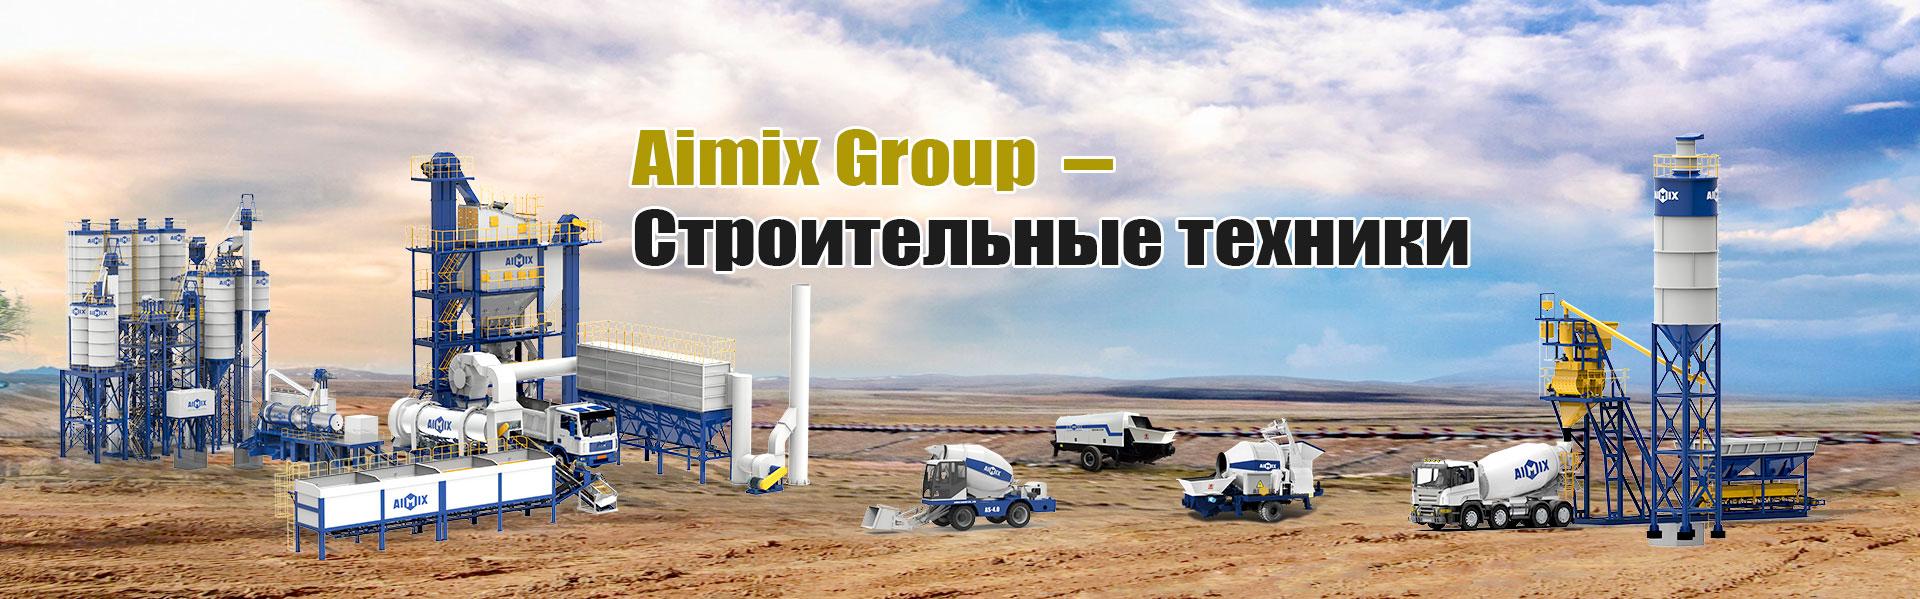 Aimix Group Строительные техники